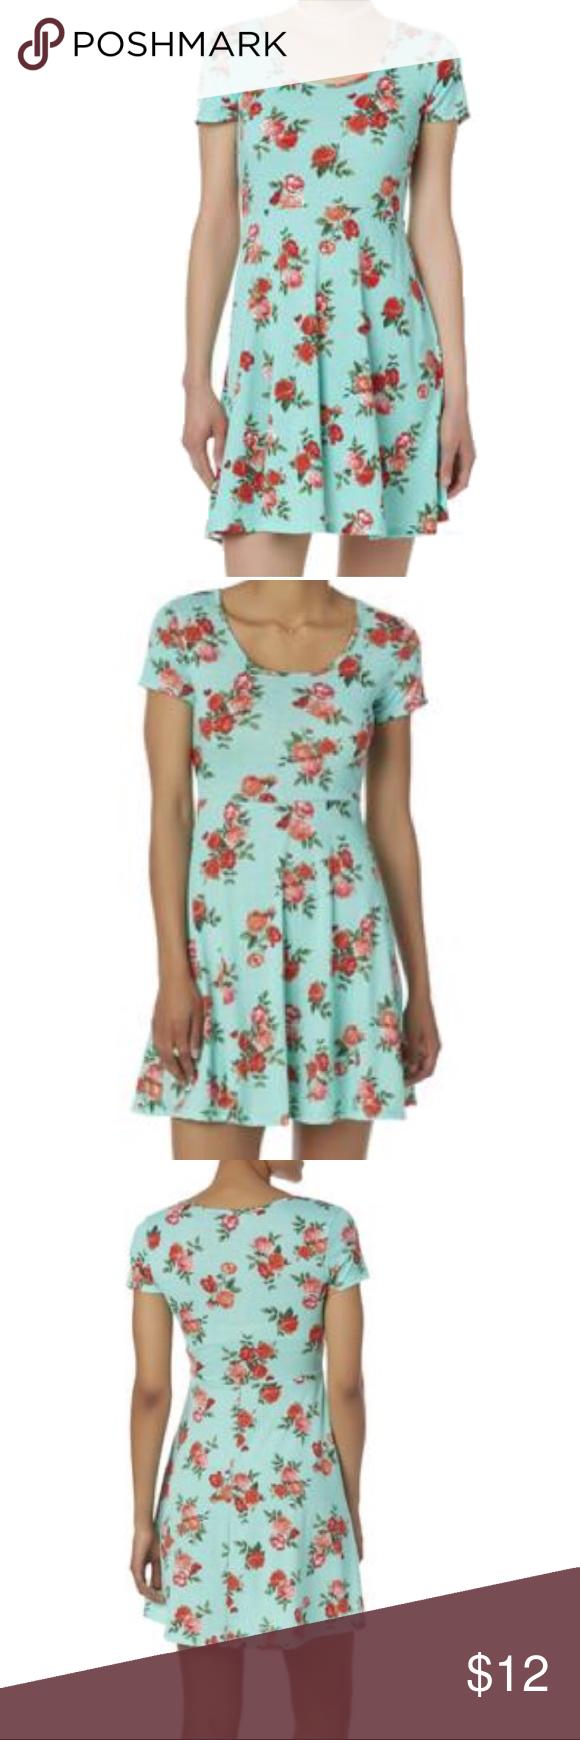 e4f67743cea0 Floral dress Floral skater dress by joe boxer size large juniors new joe  boxer Dresses